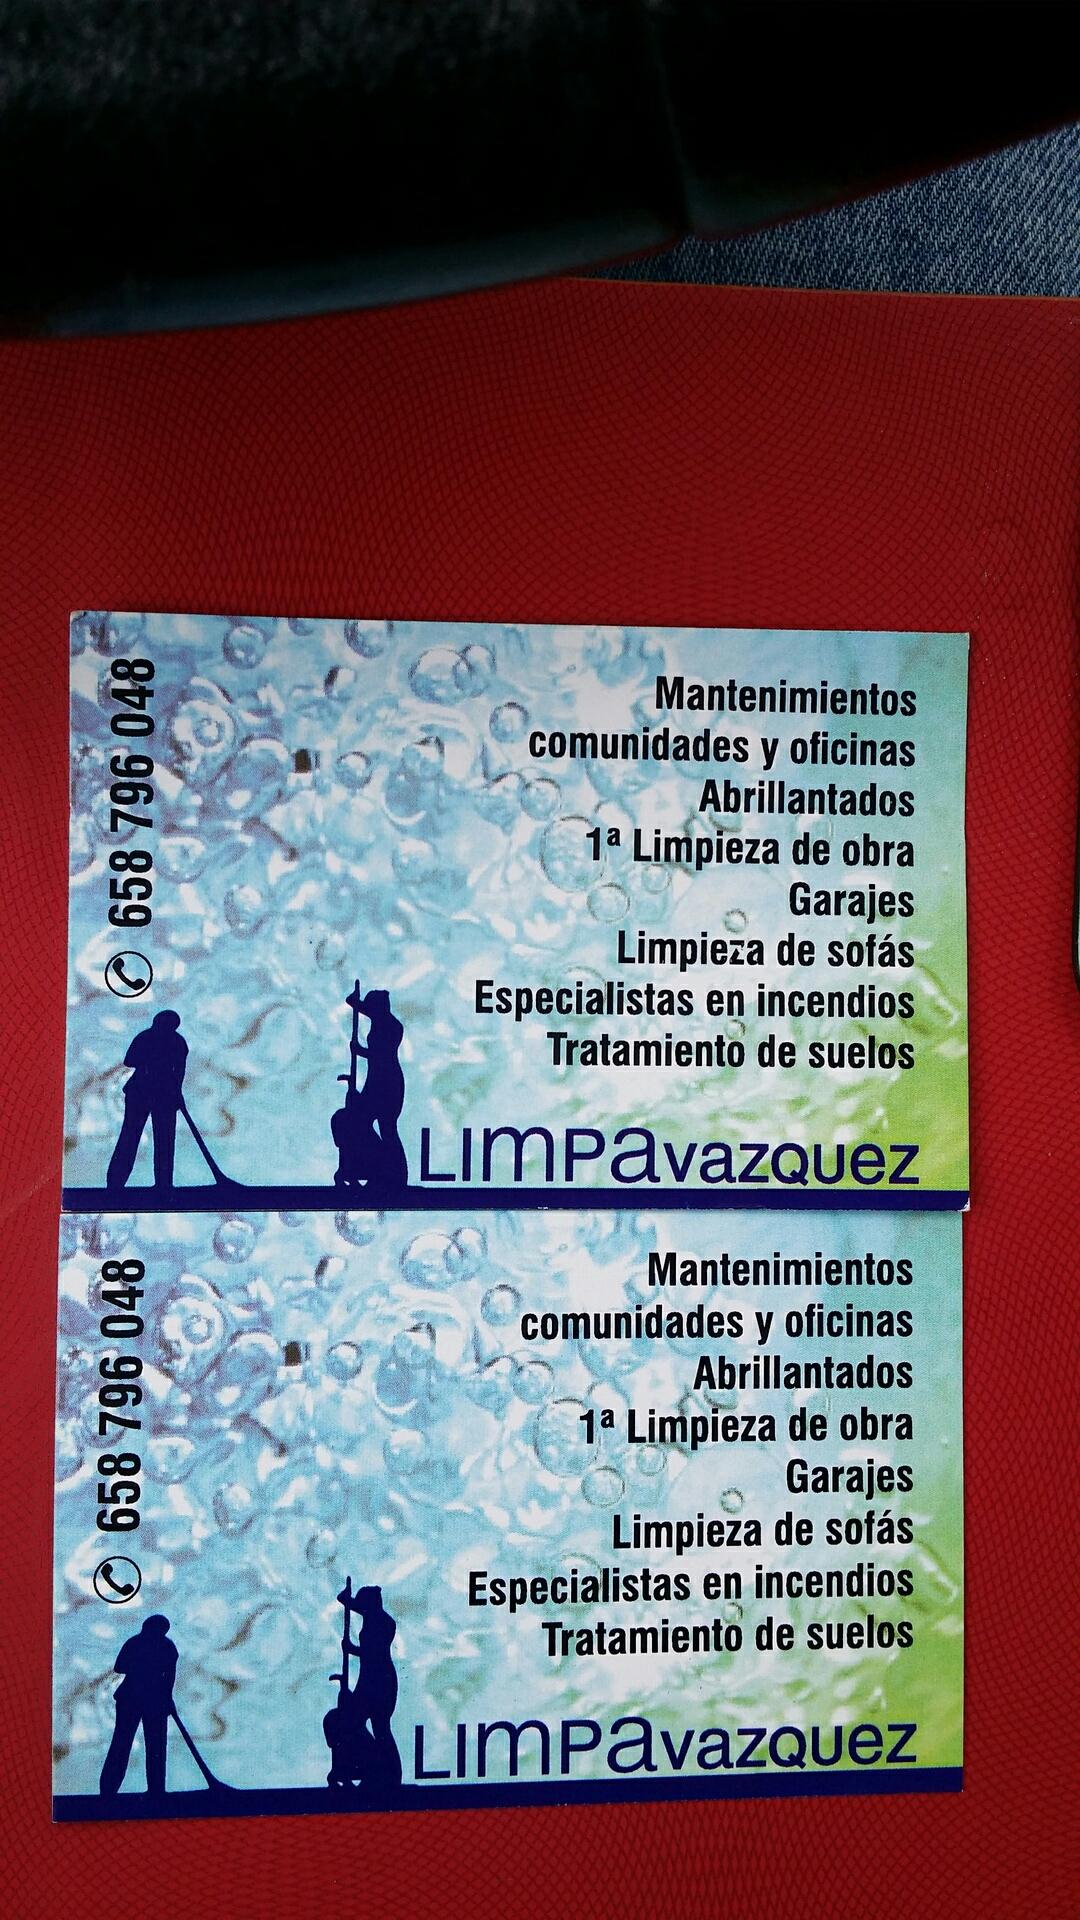 Limpavazquez